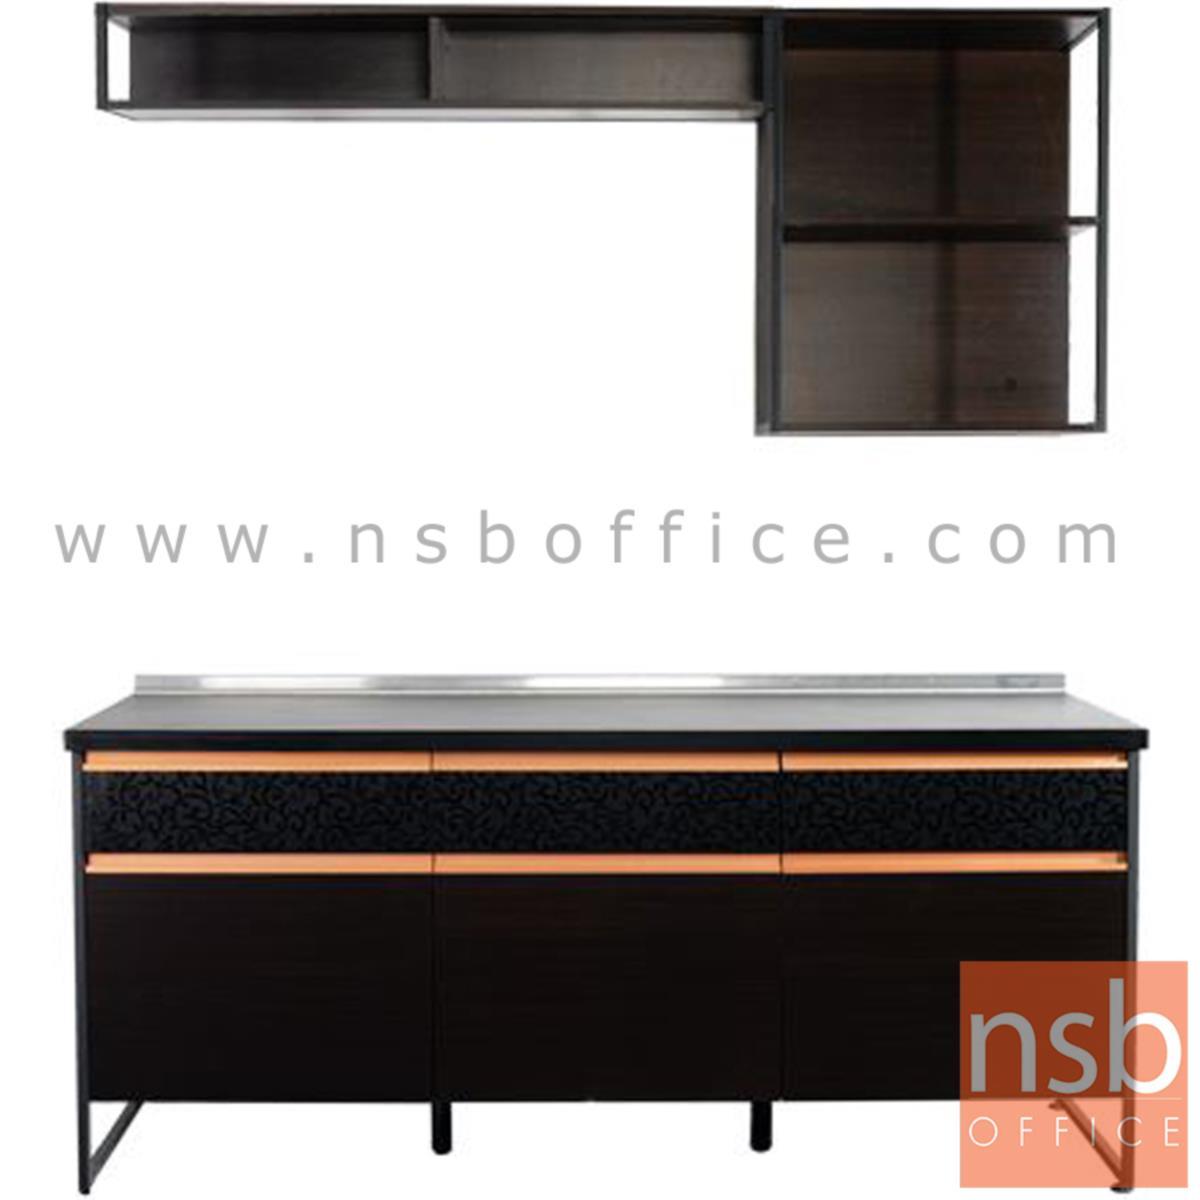 K06A008:ชุดตู้ครัว พร้อมตัวตู้แขวนผนัง รุ่น Sassy (แซสซี่)  ขนาด 180W cm.